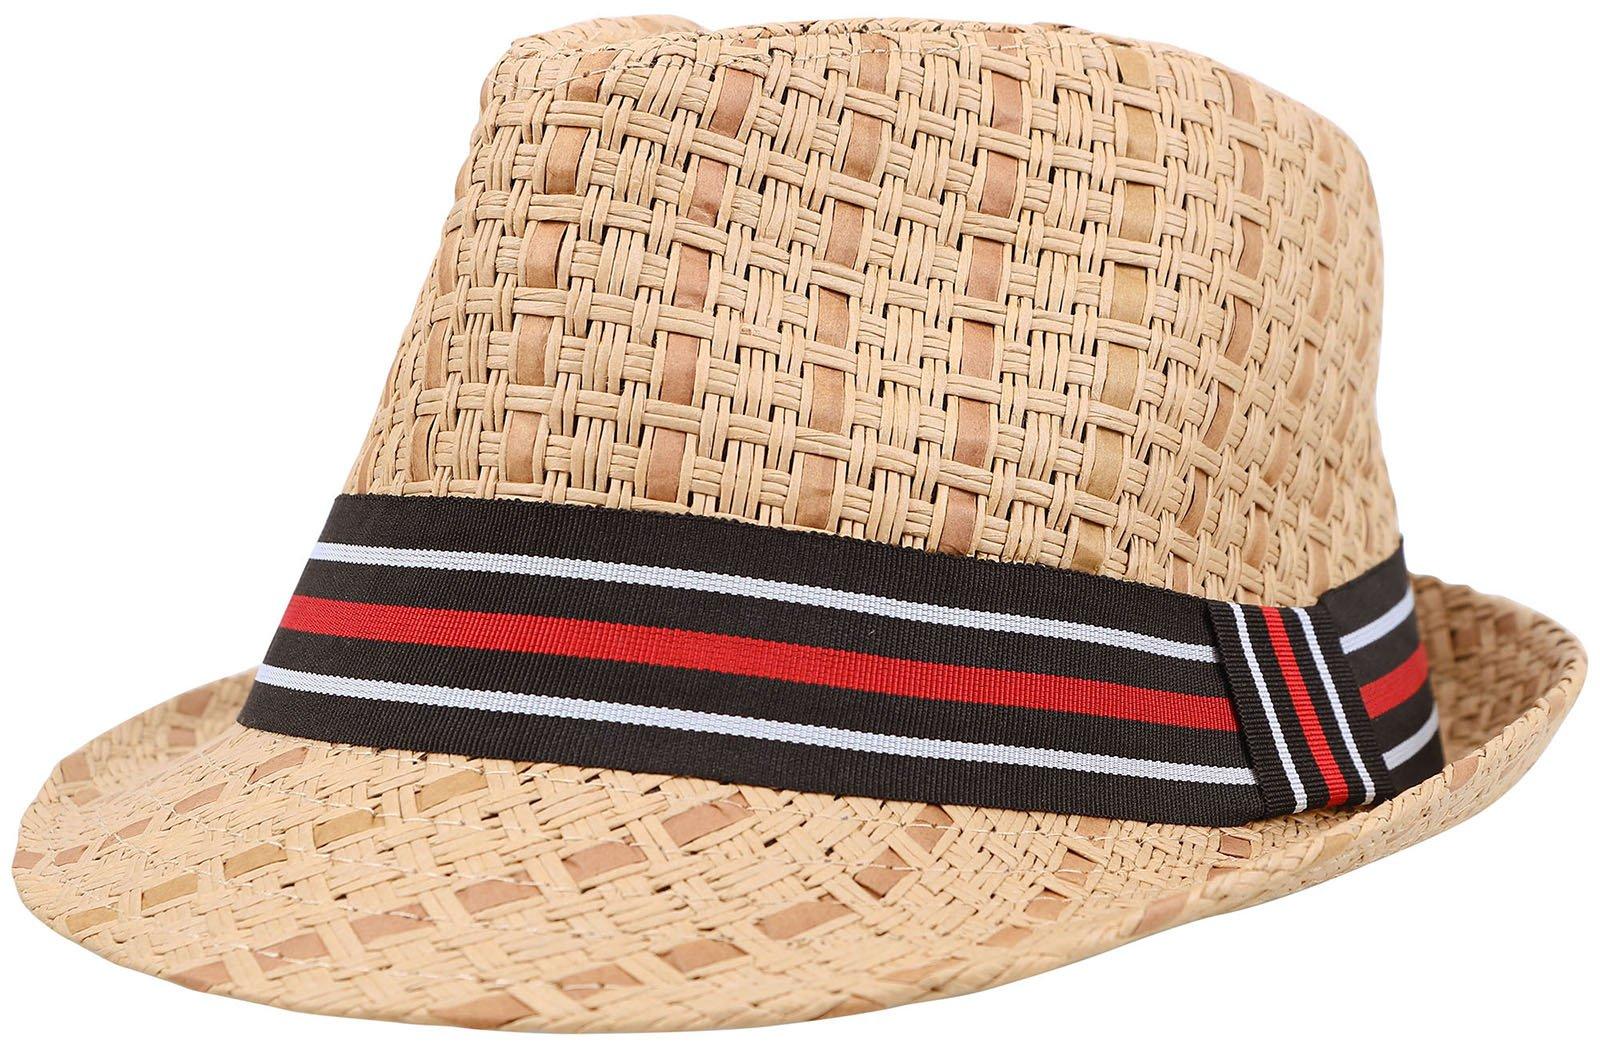 Straw Fedora Hat Men / Women's Summer Short Brim Cap w/ Striped Band, Brown S/M